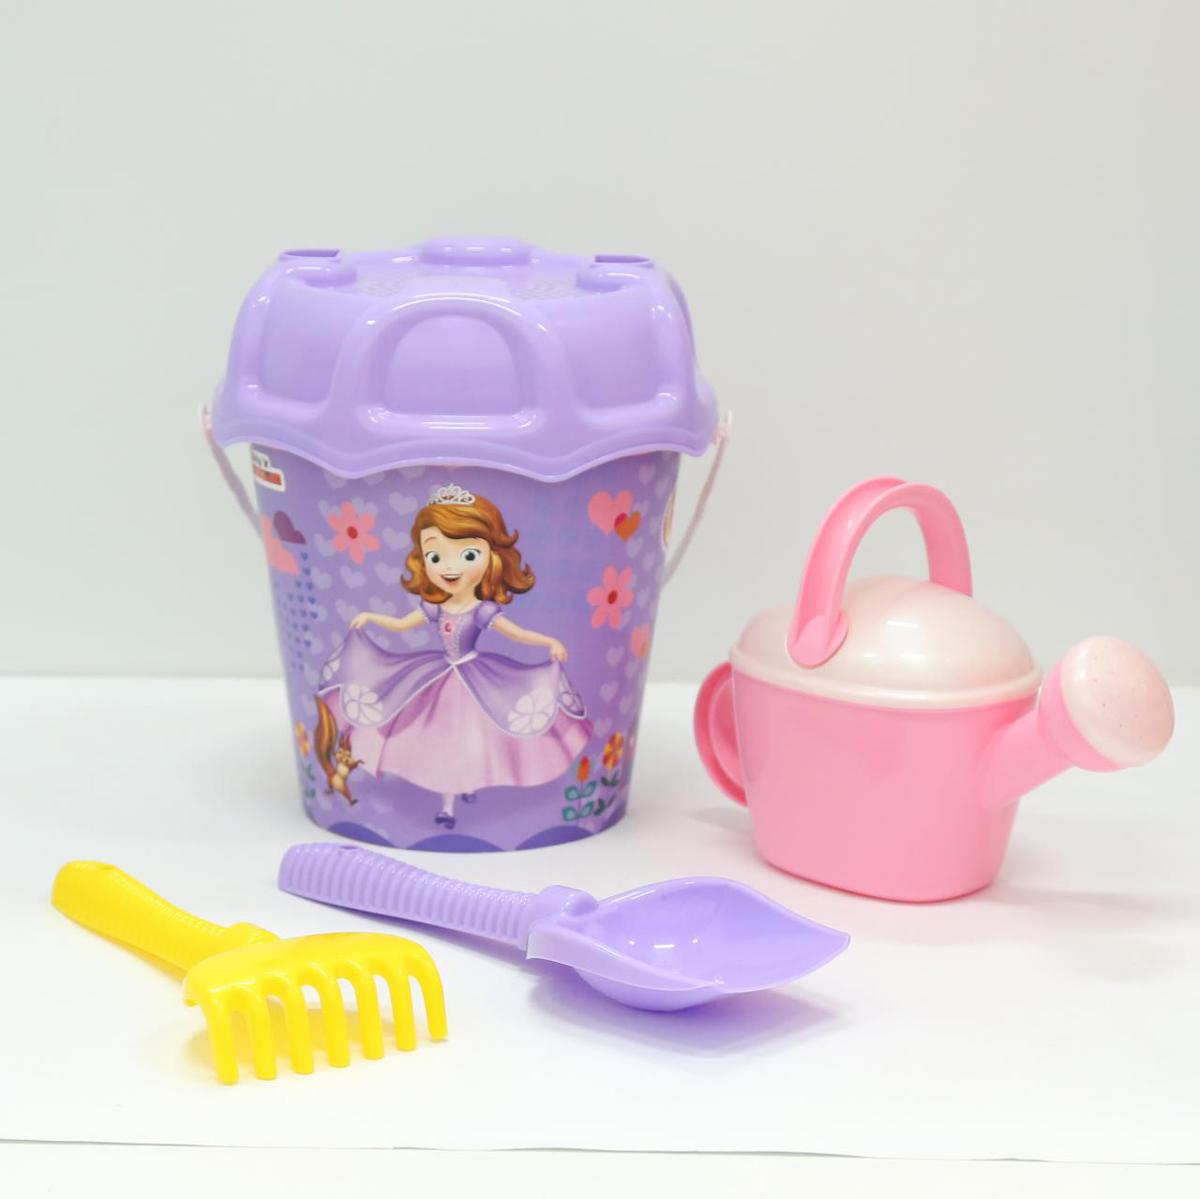 Disney Набор игрушек для песочницы София Прекрасная №3 полесье набор для песочницы 469